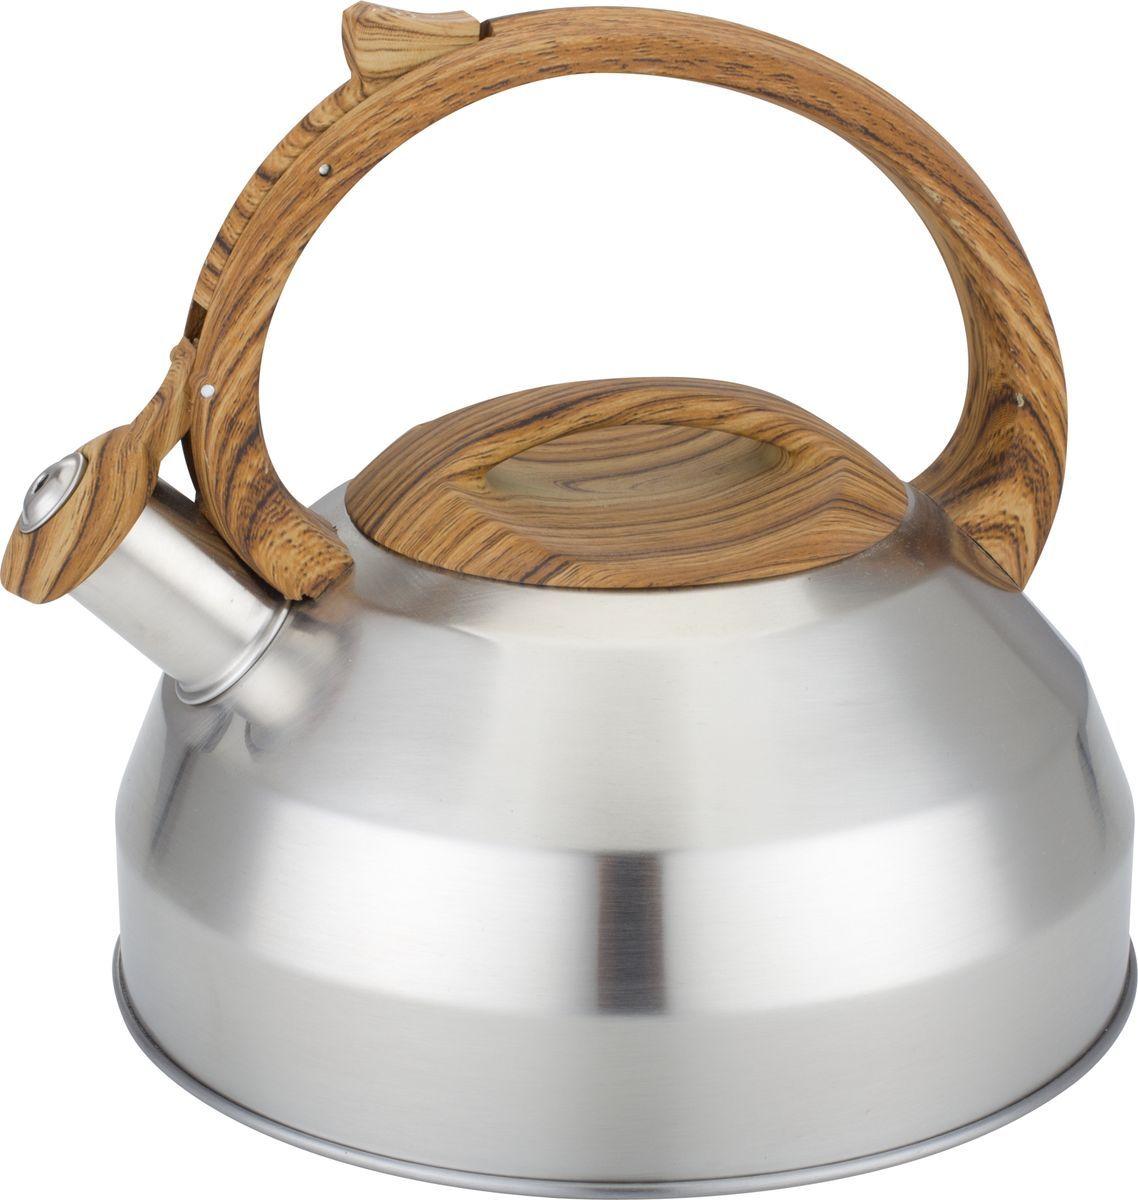 Чайник Bekker, со свистком, 3 л. BK-S586BK-S586Чайник Bekker изготовлен из высококачественной нержавеющей стали 18/10. Внешняя поверхность матовая с зеркальной полоской по нижнему краю. Капсулированное дно распределяет тепло по всей поверхности, что позволяет чайнику быстро закипать. Эргономичная фиксированная ручка выполнена из нержавеющей стали и бакелита с прорезиненным цветным покрытием. Носик оснащен откидным свистком, который подскажет, когда закипела вода. Свисток открывается нажатием на рукоятку. Подходит для газовых, стеклокерамических, галогеновых, электрических плит. Не подходит для индукционных. Можно мыть в посудомоечной машине